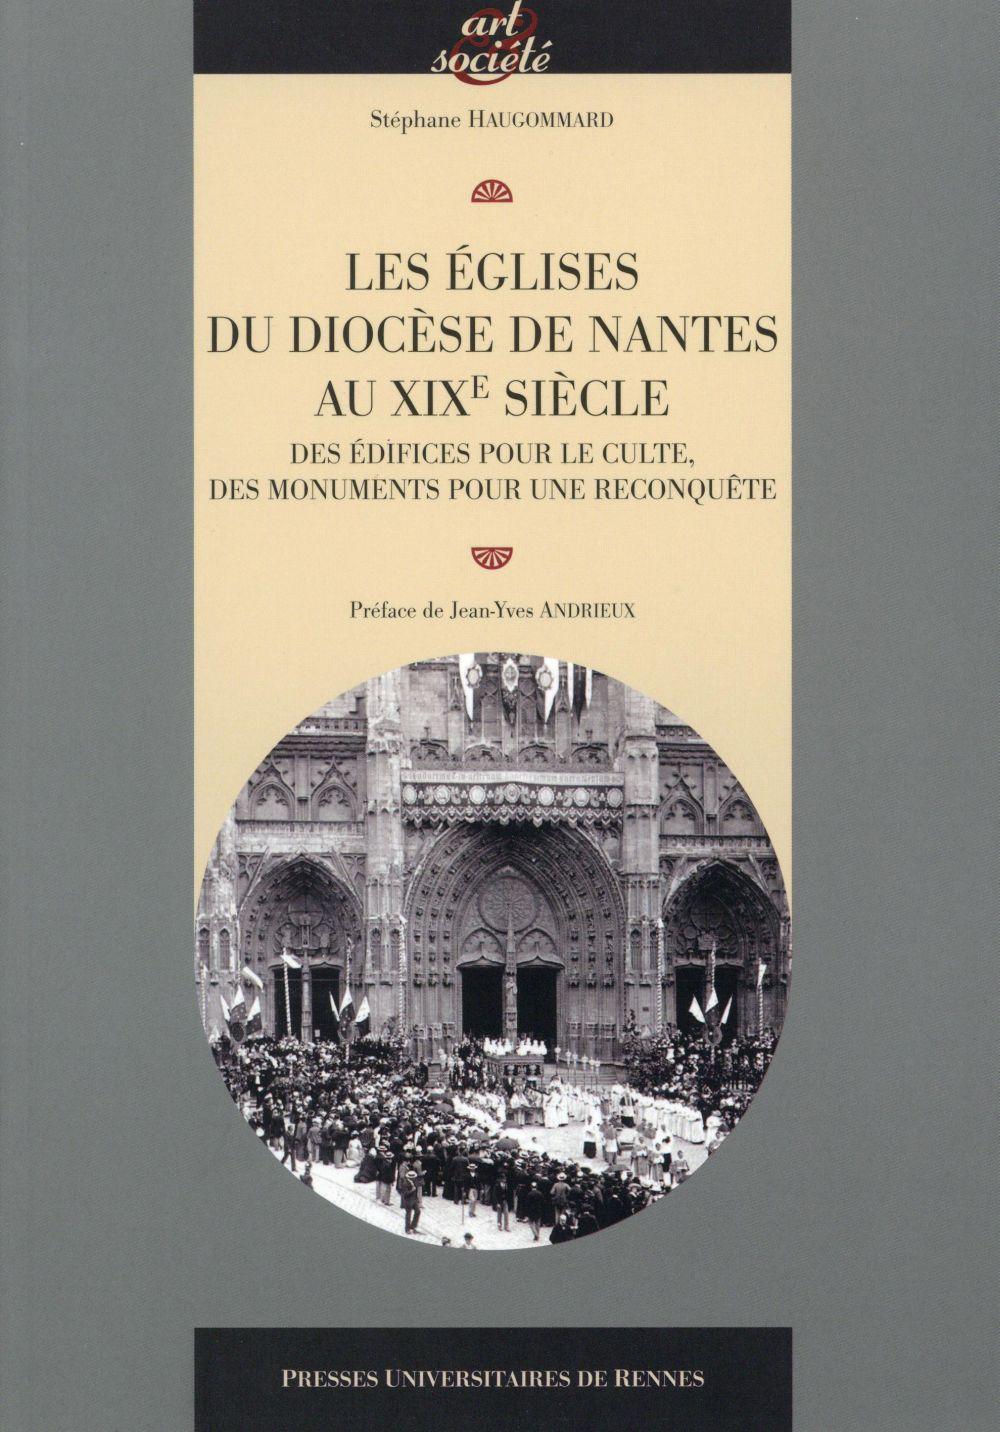 LES EGLISES DU DIOCESE DE NANTES AU XIXE SIECLE  -  DES EDIFICES POUR LE CULTE, DES MONUMENTS POUR UNE RECONQUETE